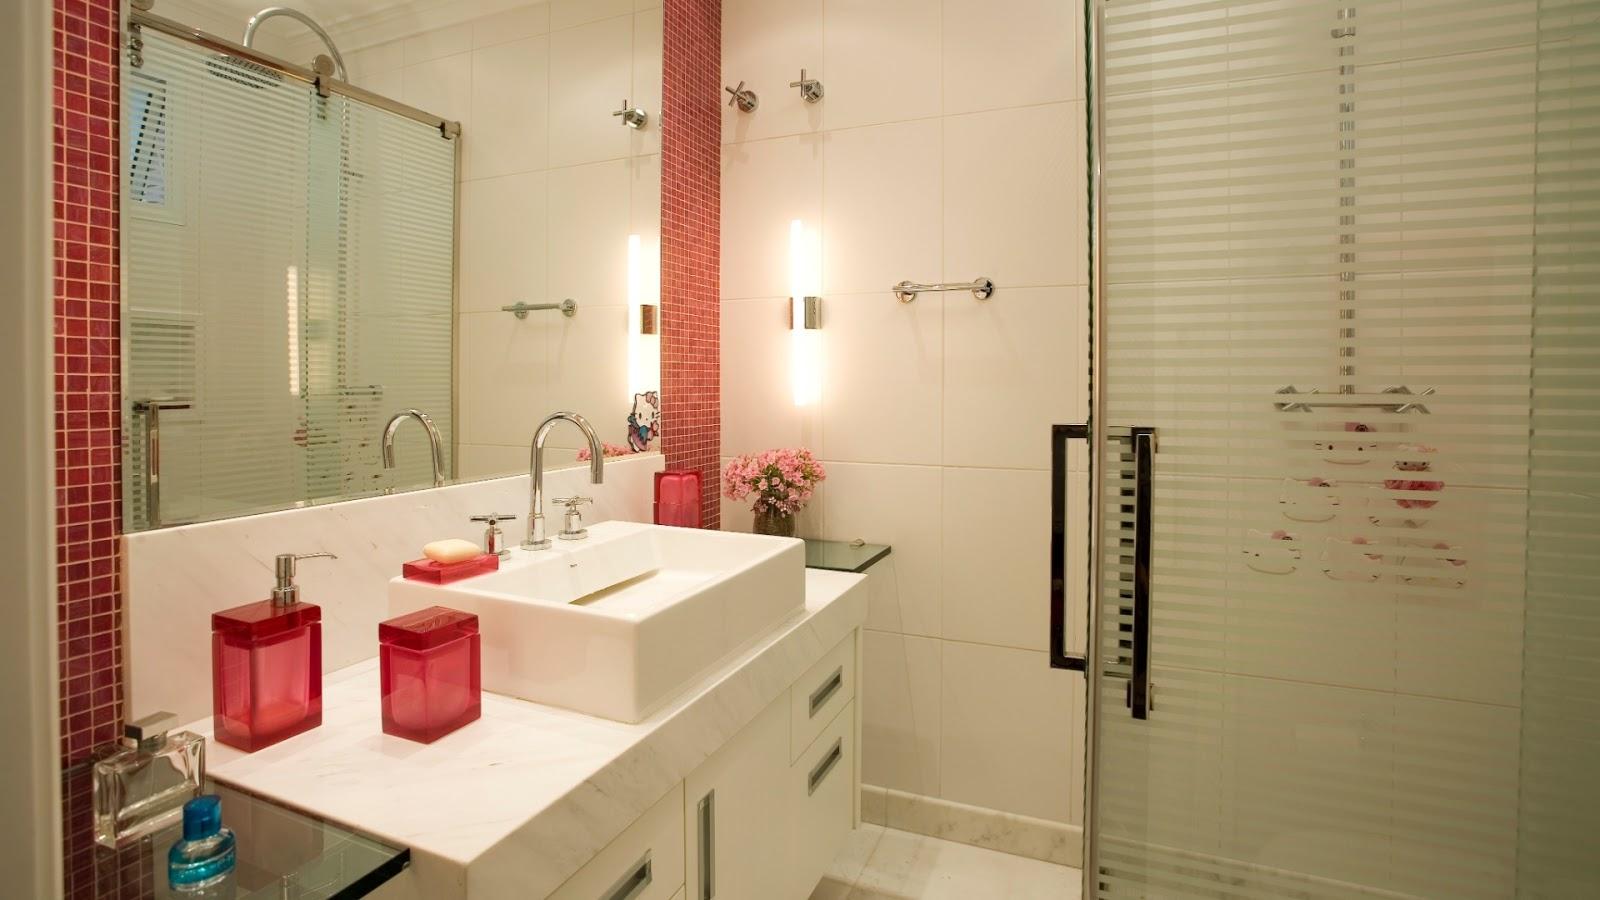 Imagens de #1D6A6C Donna Mariquinha : Pastilhas no Banheiro: eu quero! 1600x900 px 2776 Box Banheiro Nh